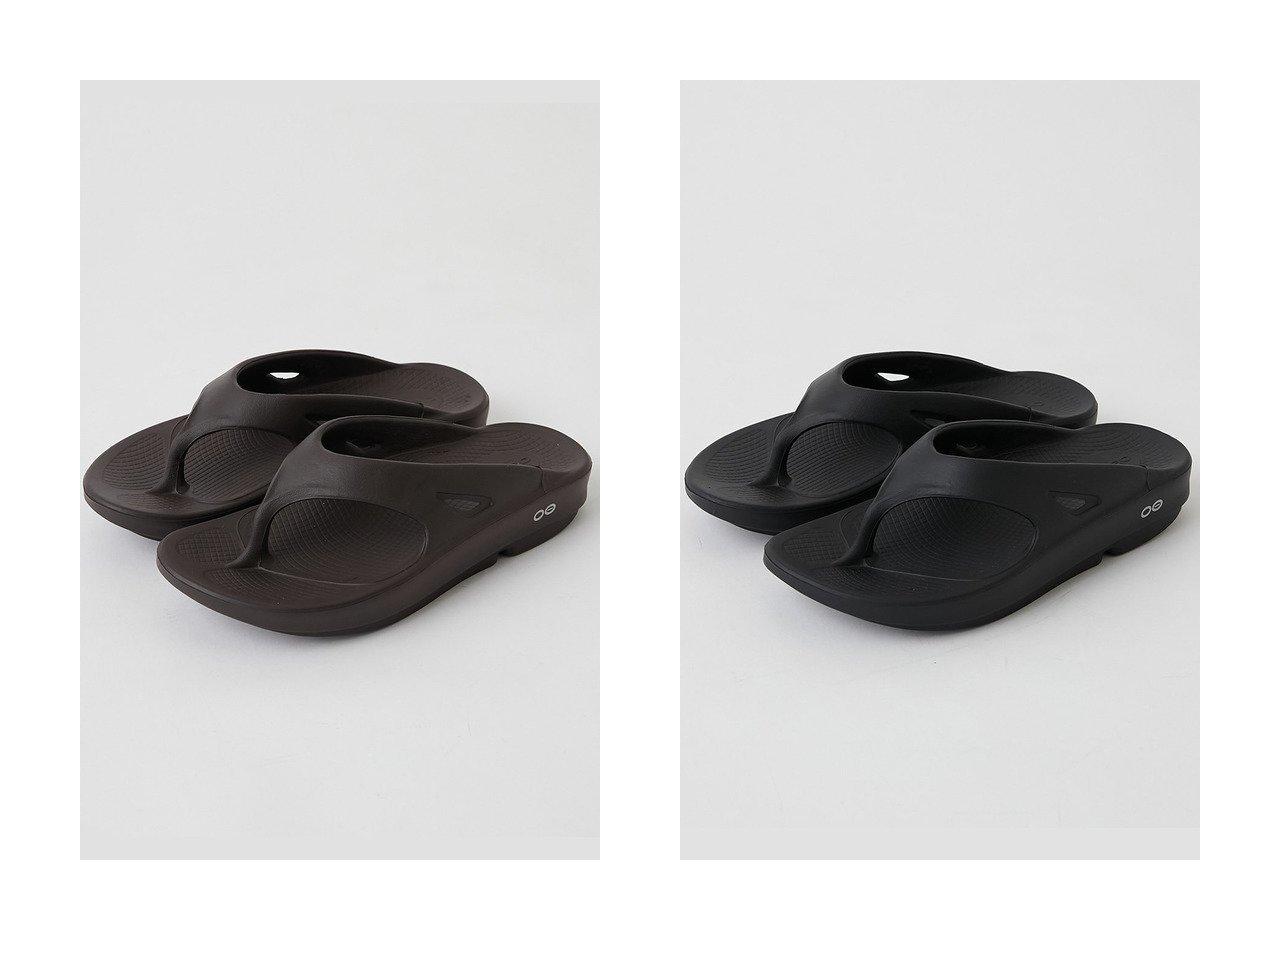 【GALLARDAGALANTE/ガリャルダガランテ】の【OOFOS】リカバリーサンダル 【シューズ・靴】おすすめ!人気、トレンド・レディースファッションの通販  おすすめで人気の流行・トレンド、ファッションの通販商品 メンズファッション・キッズファッション・インテリア・家具・レディースファッション・服の通販 founy(ファニー) https://founy.com/ ファッション Fashion レディースファッション WOMEN サンダル シューズ スポーツ トレーナー |ID:crp329100000034621